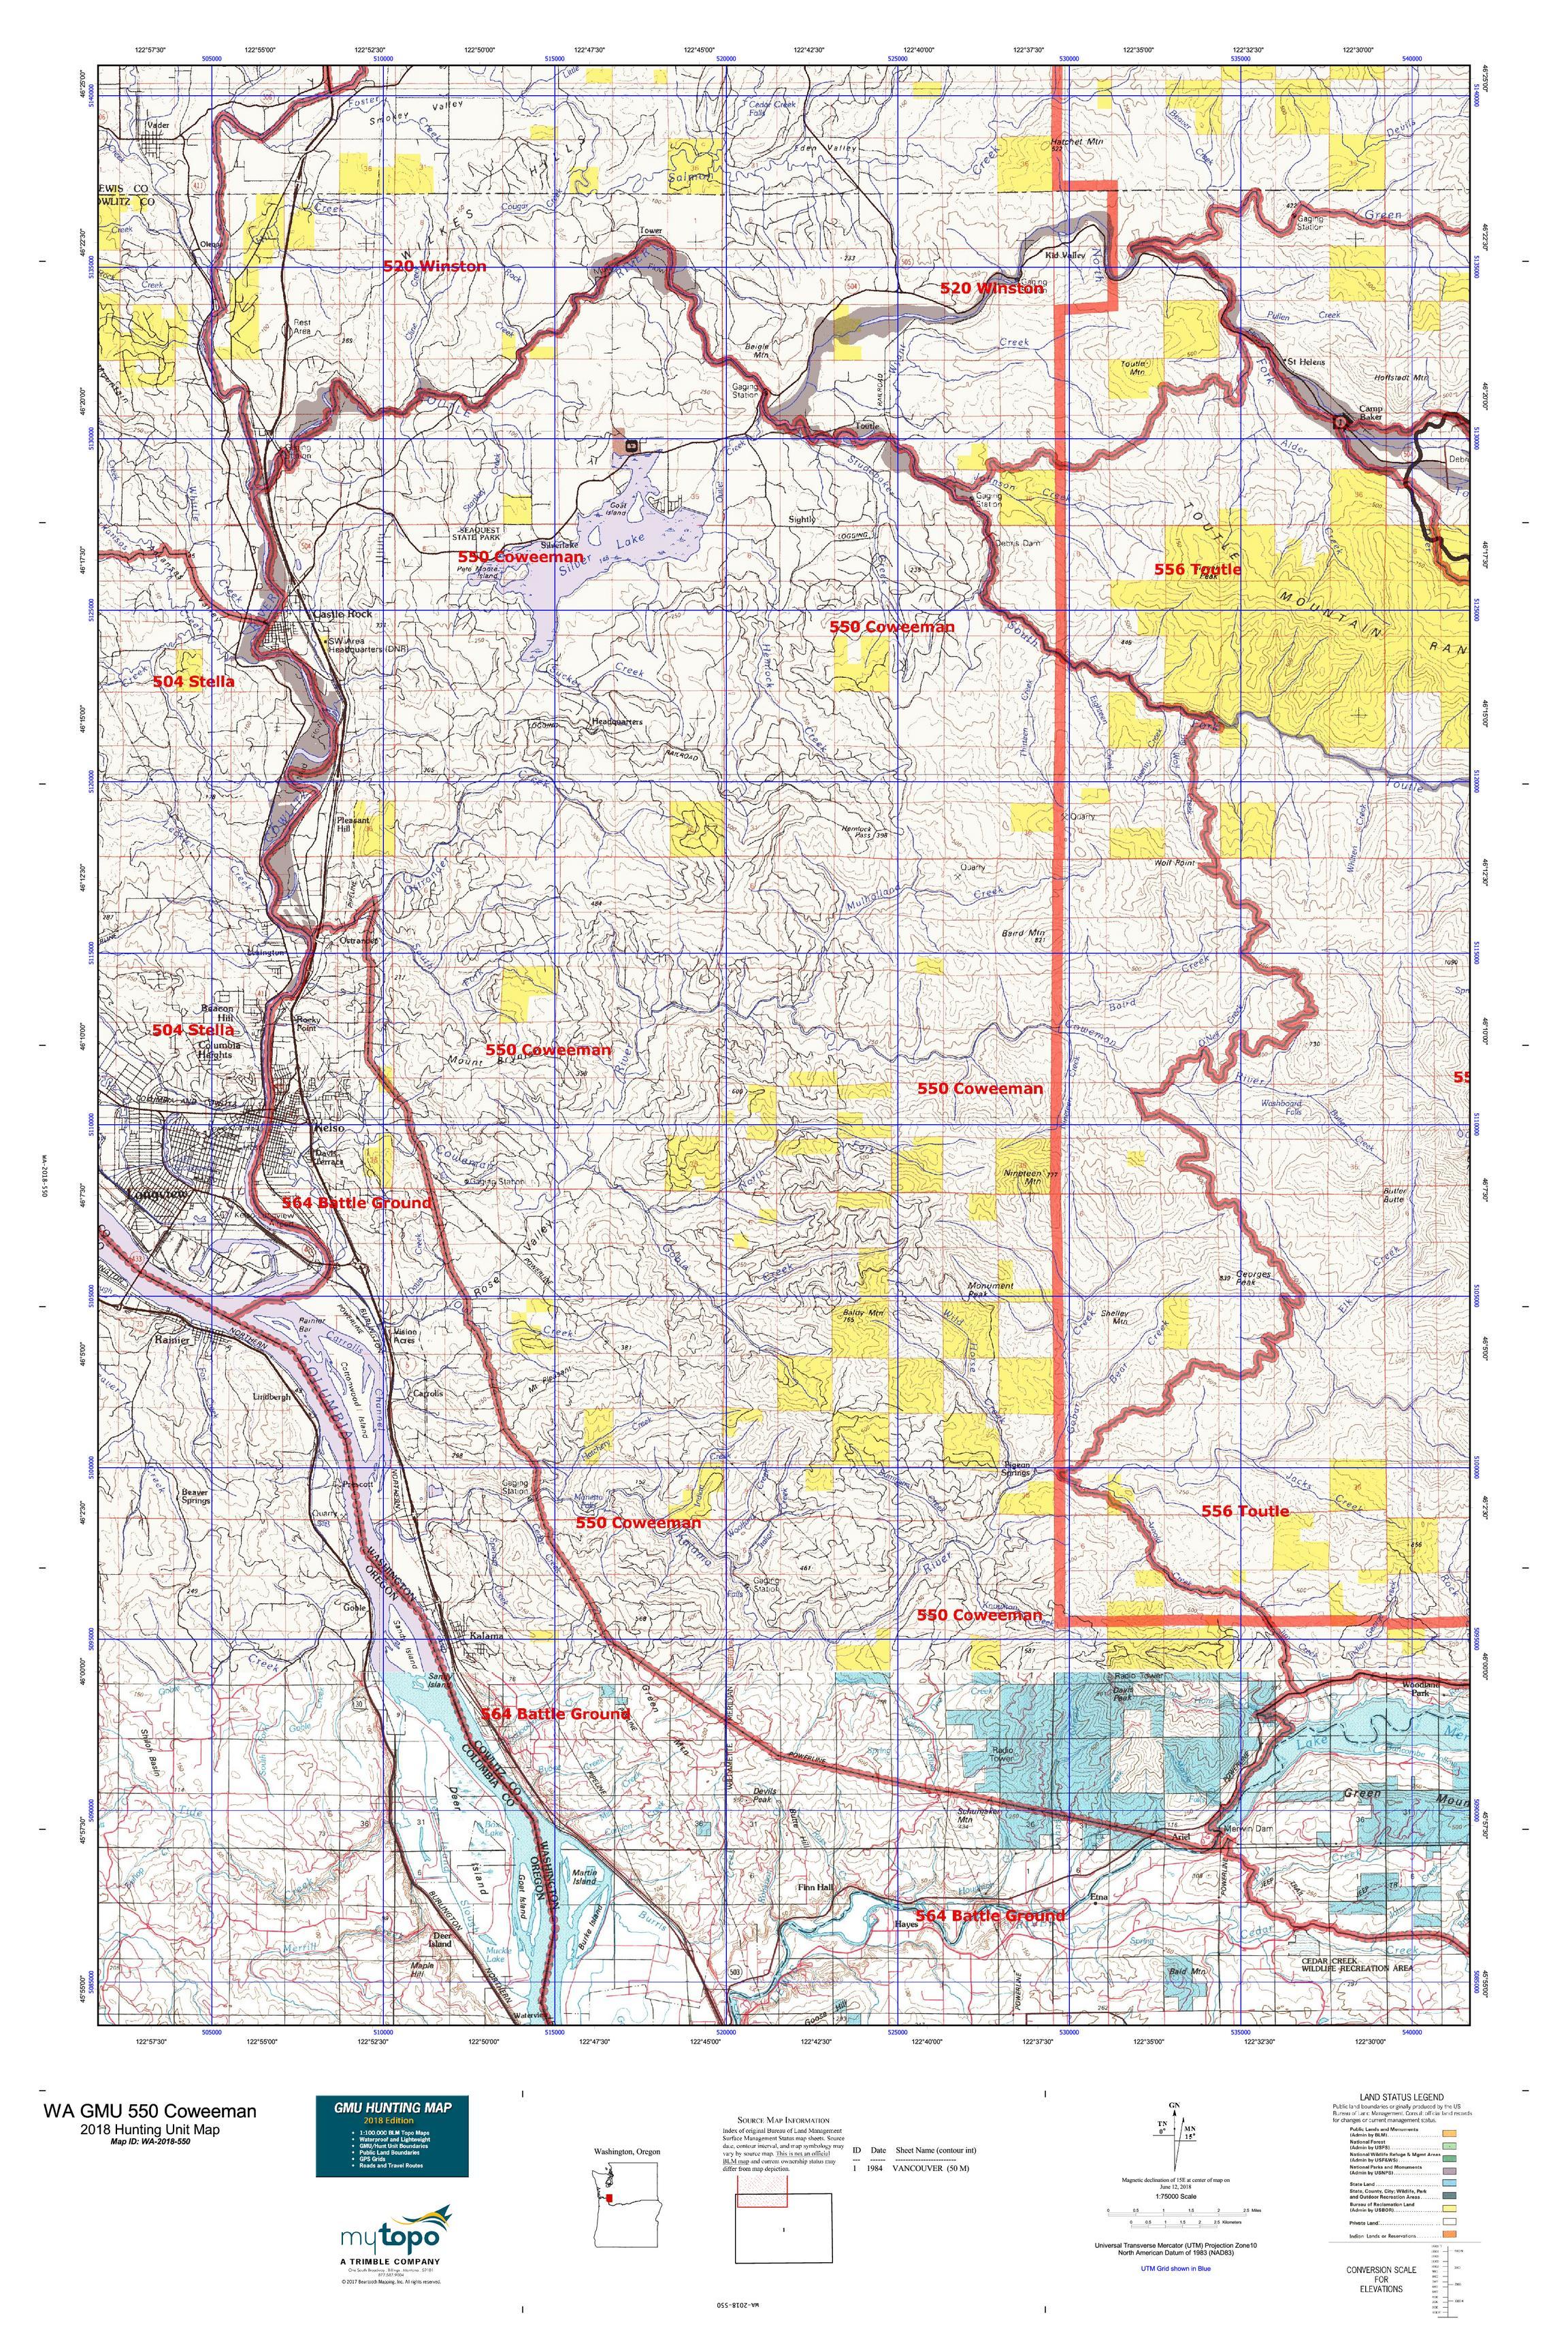 WA GMU 550 Coweeman Map | MyTopo